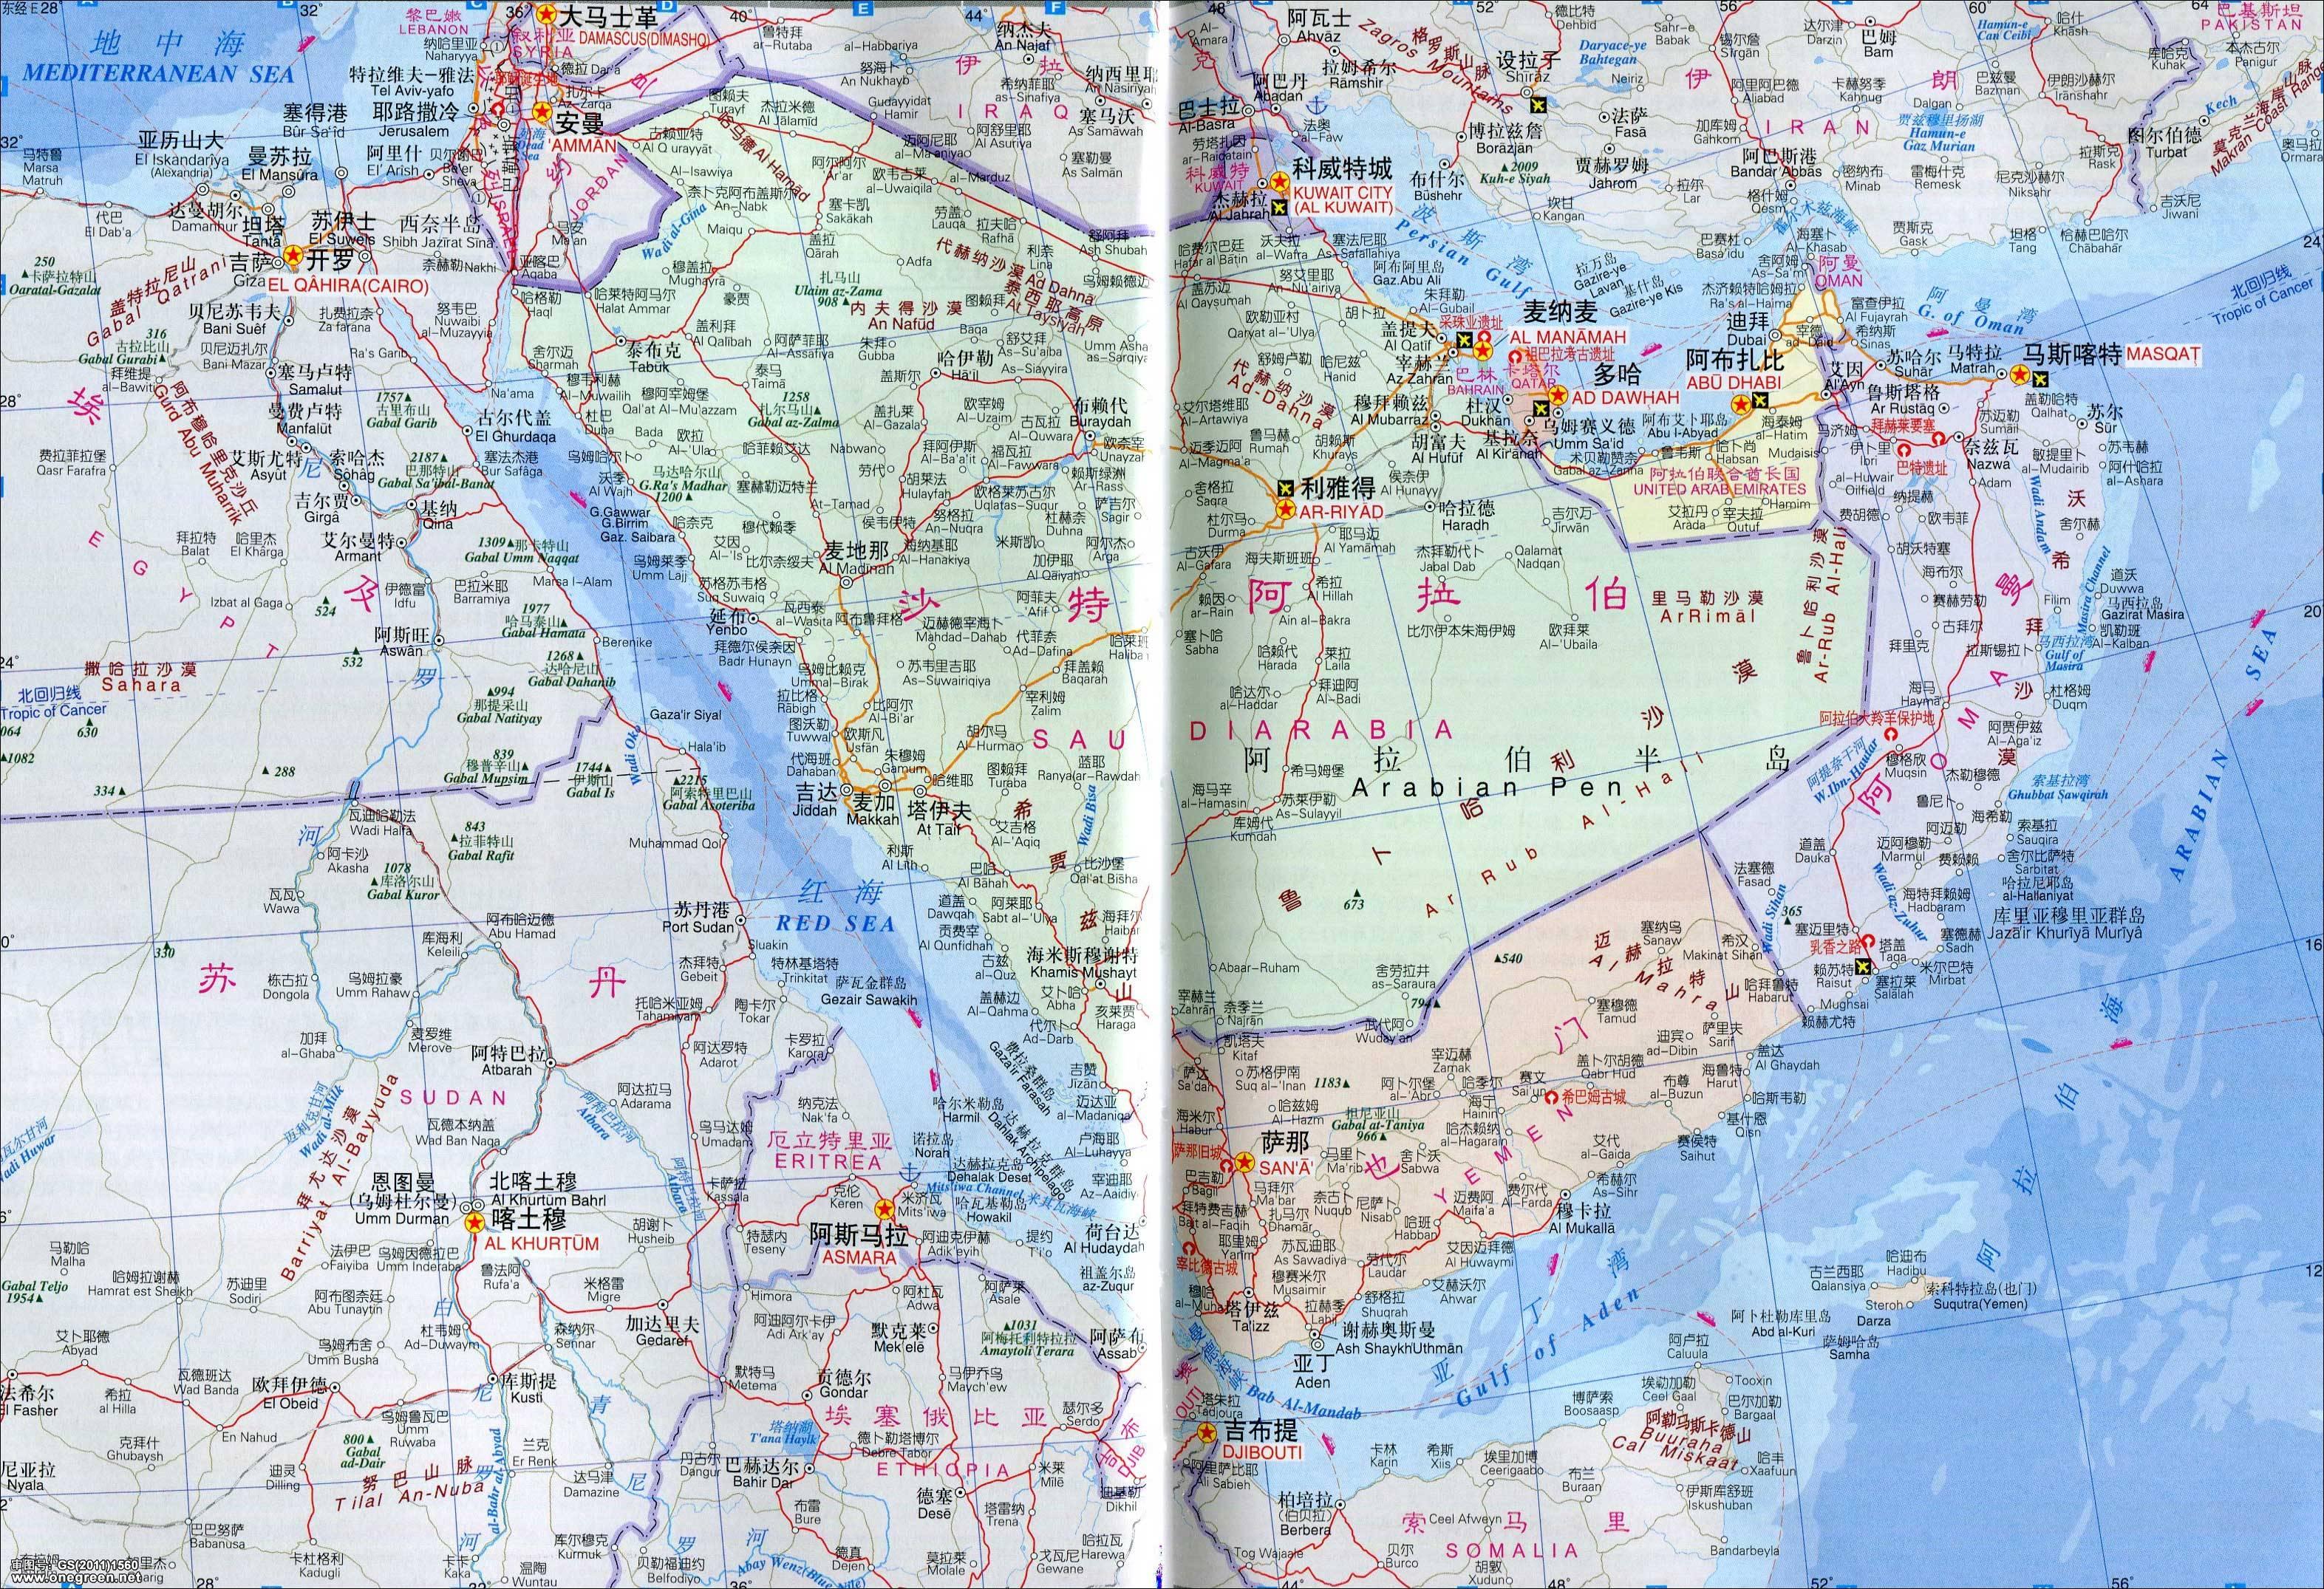 土耳其地图中文版_阿联酋地图(中英文版)_阿联酋地图库_地图窝